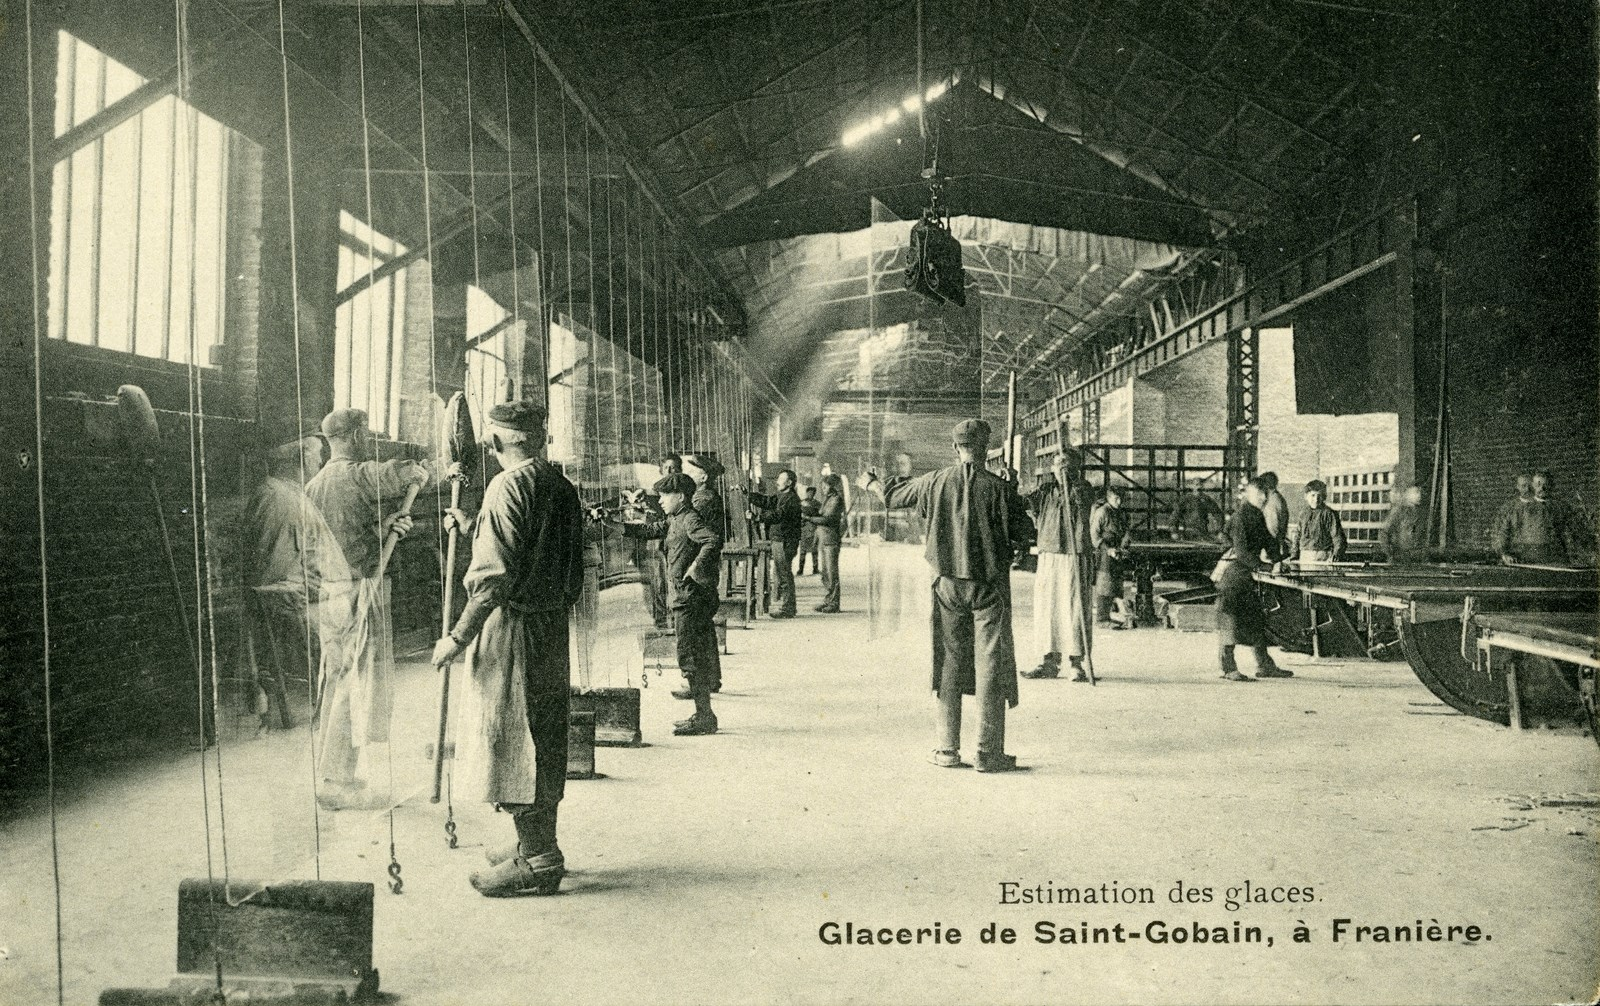 Estimation des glaces- Glaceries de St Gobain, à Franière, vers 1930